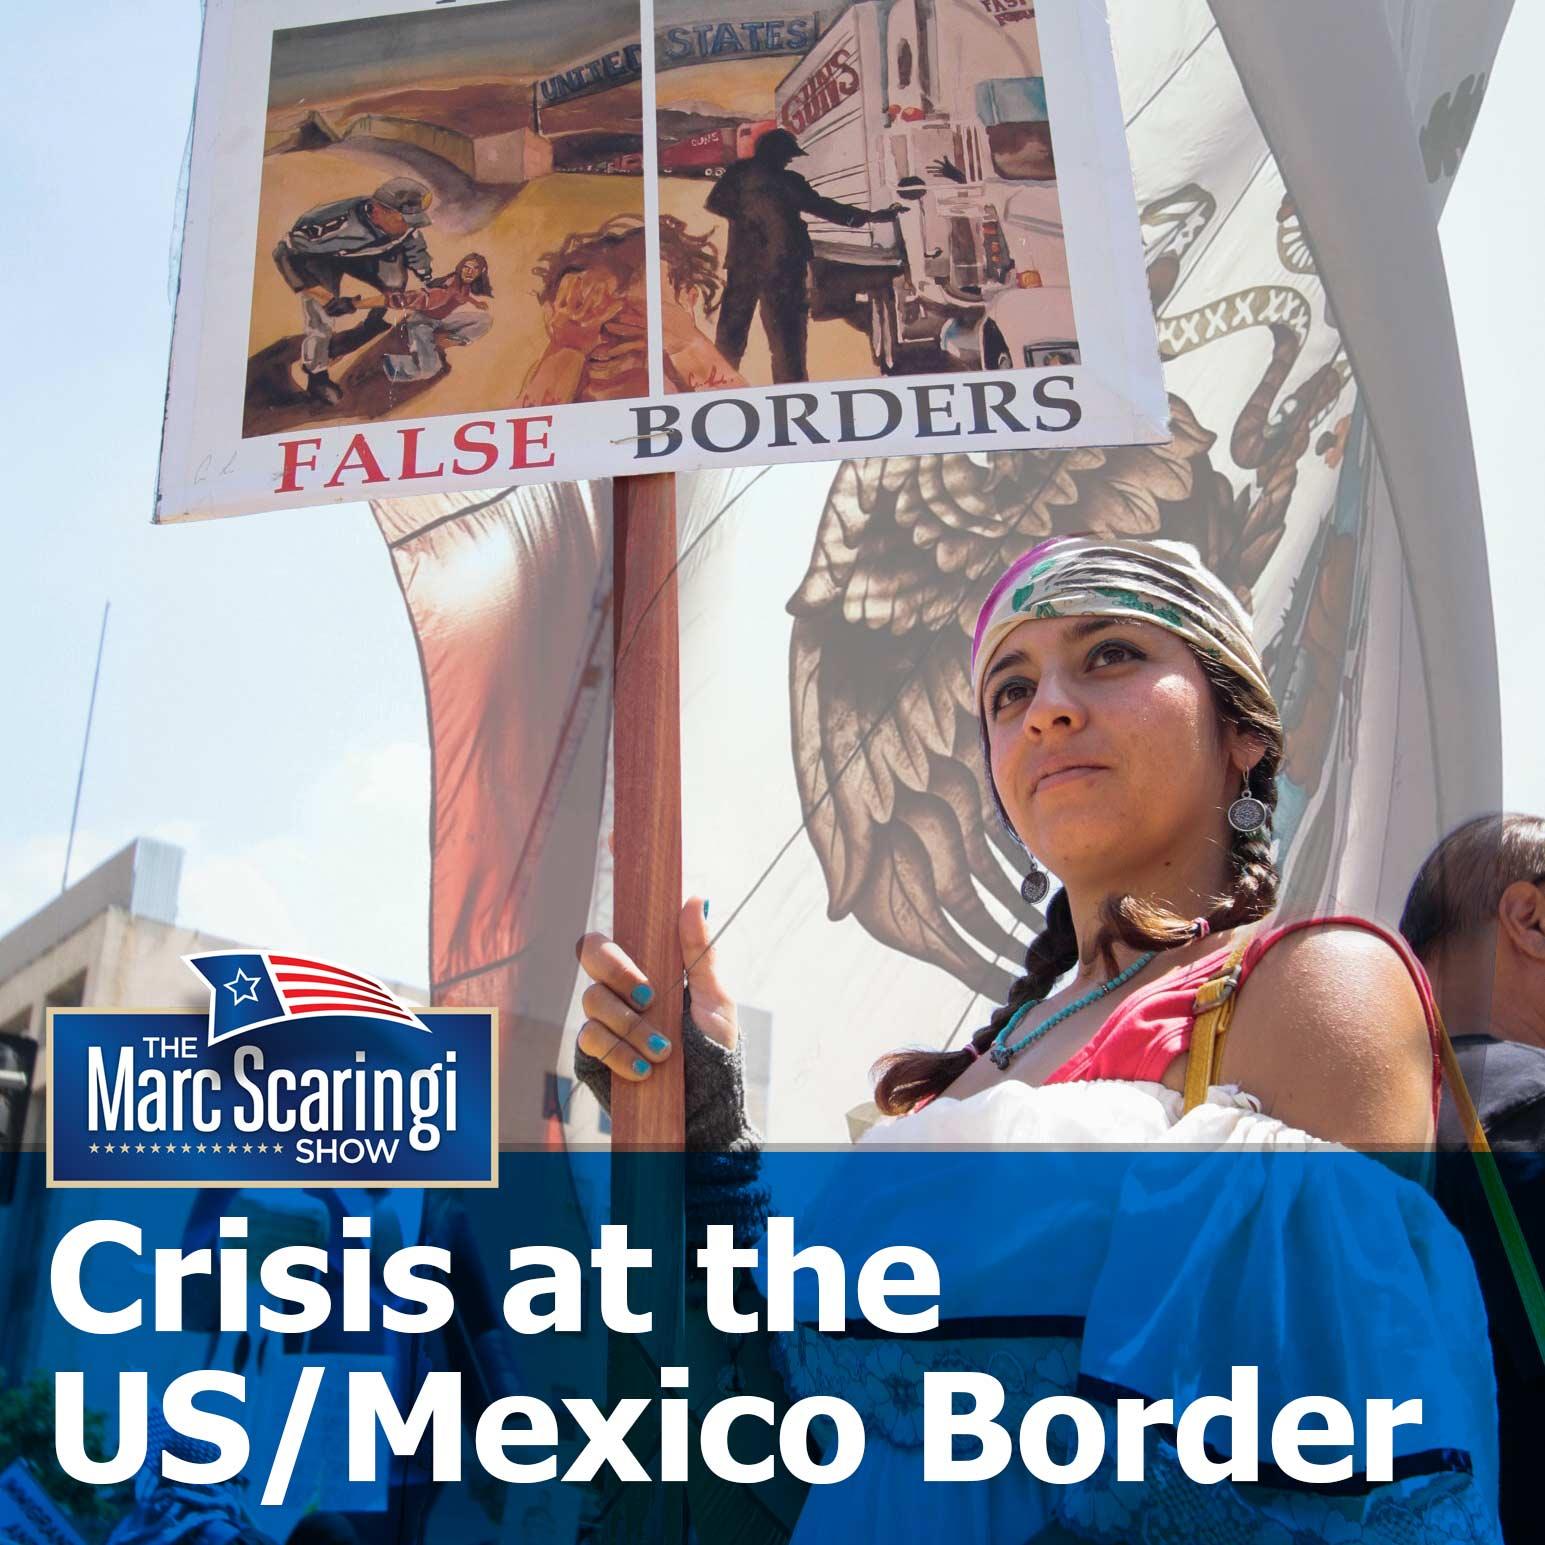 2019-07-13-TMSS-Crisis-at-the-US-Mexico-Border- SQ.jpg